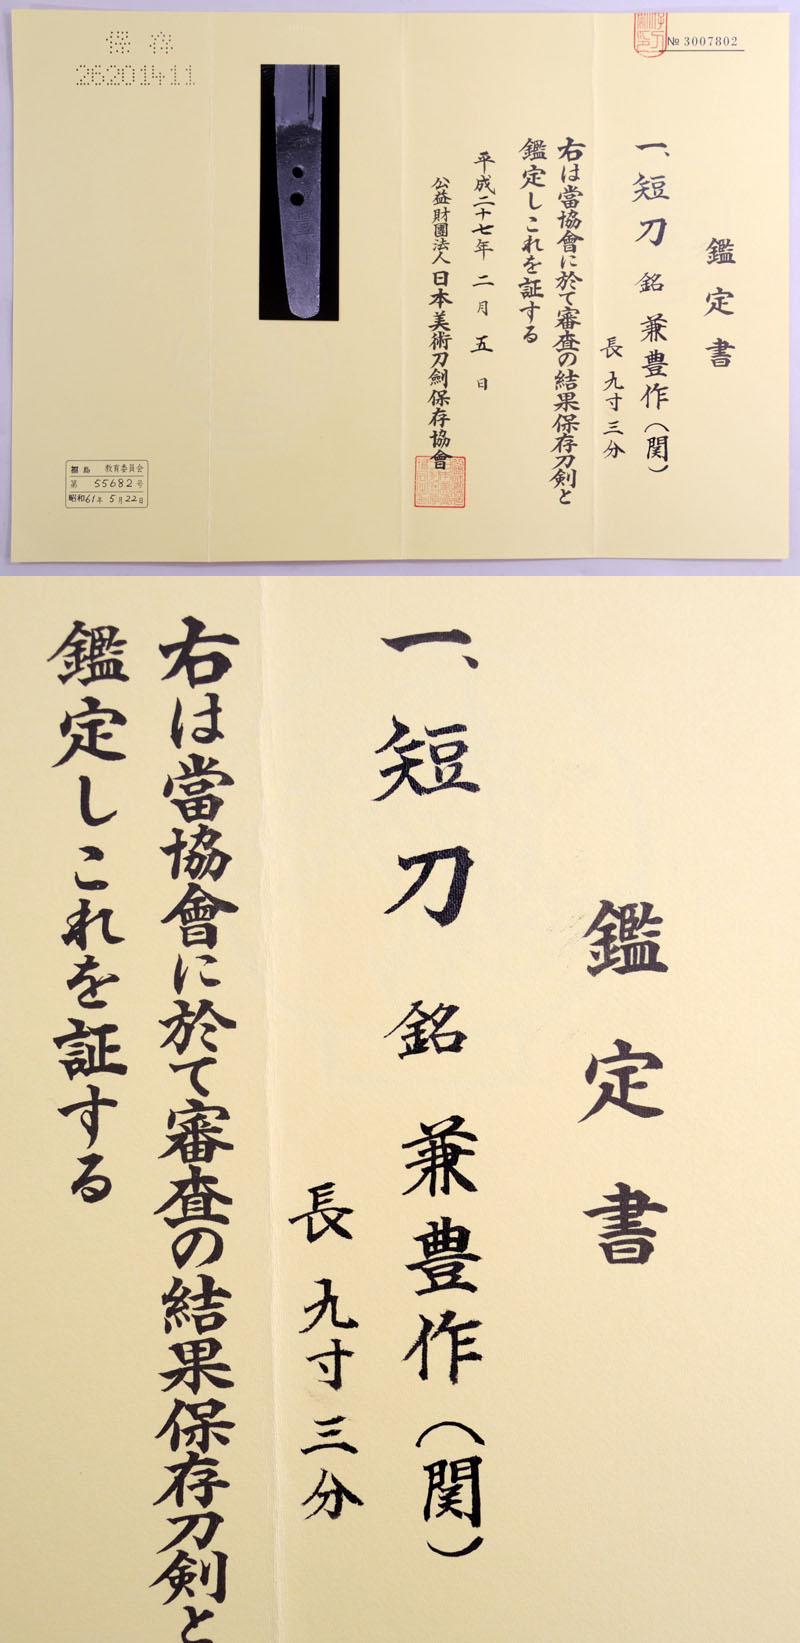 兼豊作(関) Picture of Certificate